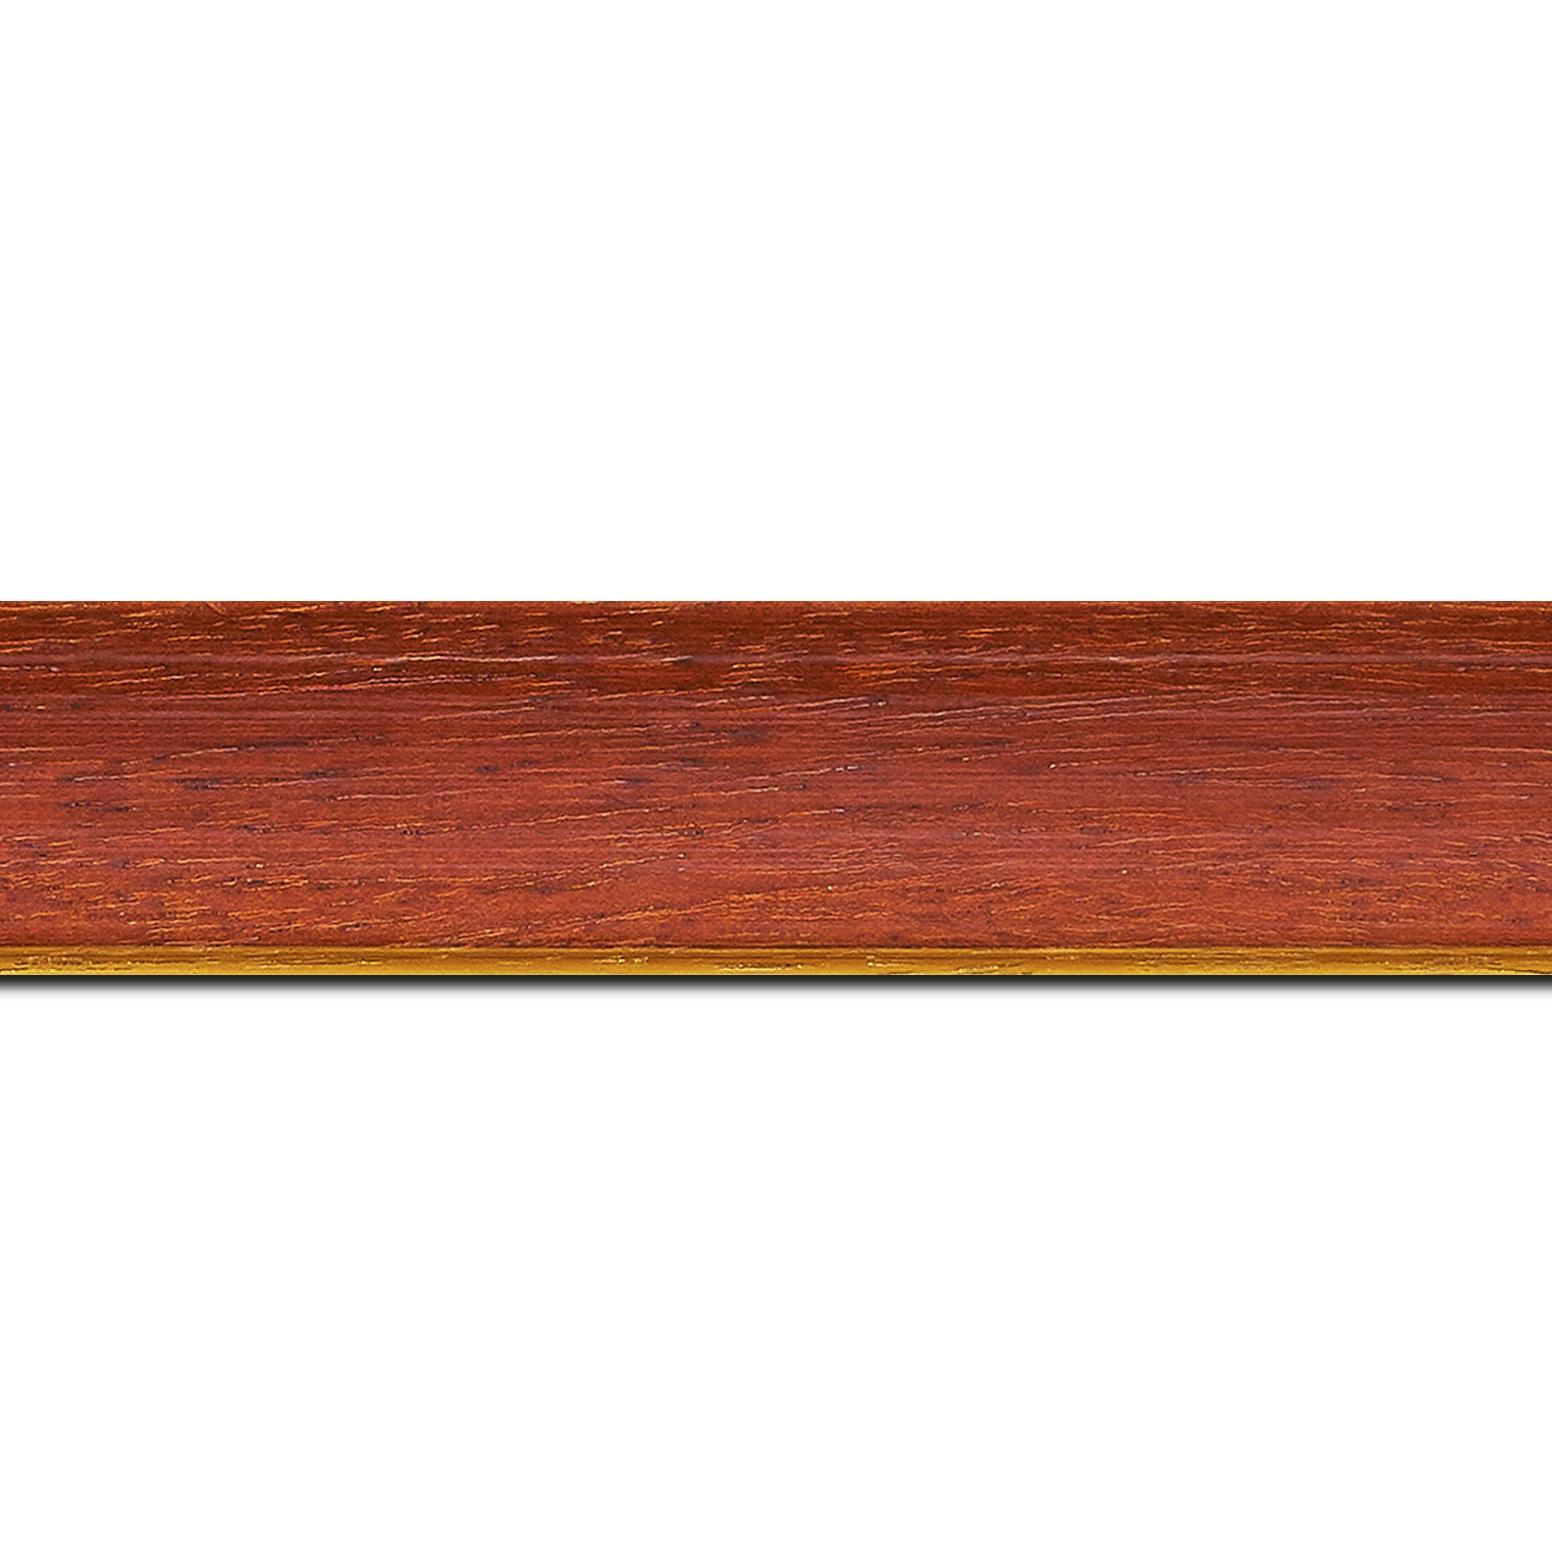 Baguette longueur 1.40m bois profil incurvé largeur 3.9cm couleur rouge cerise satiné filet or